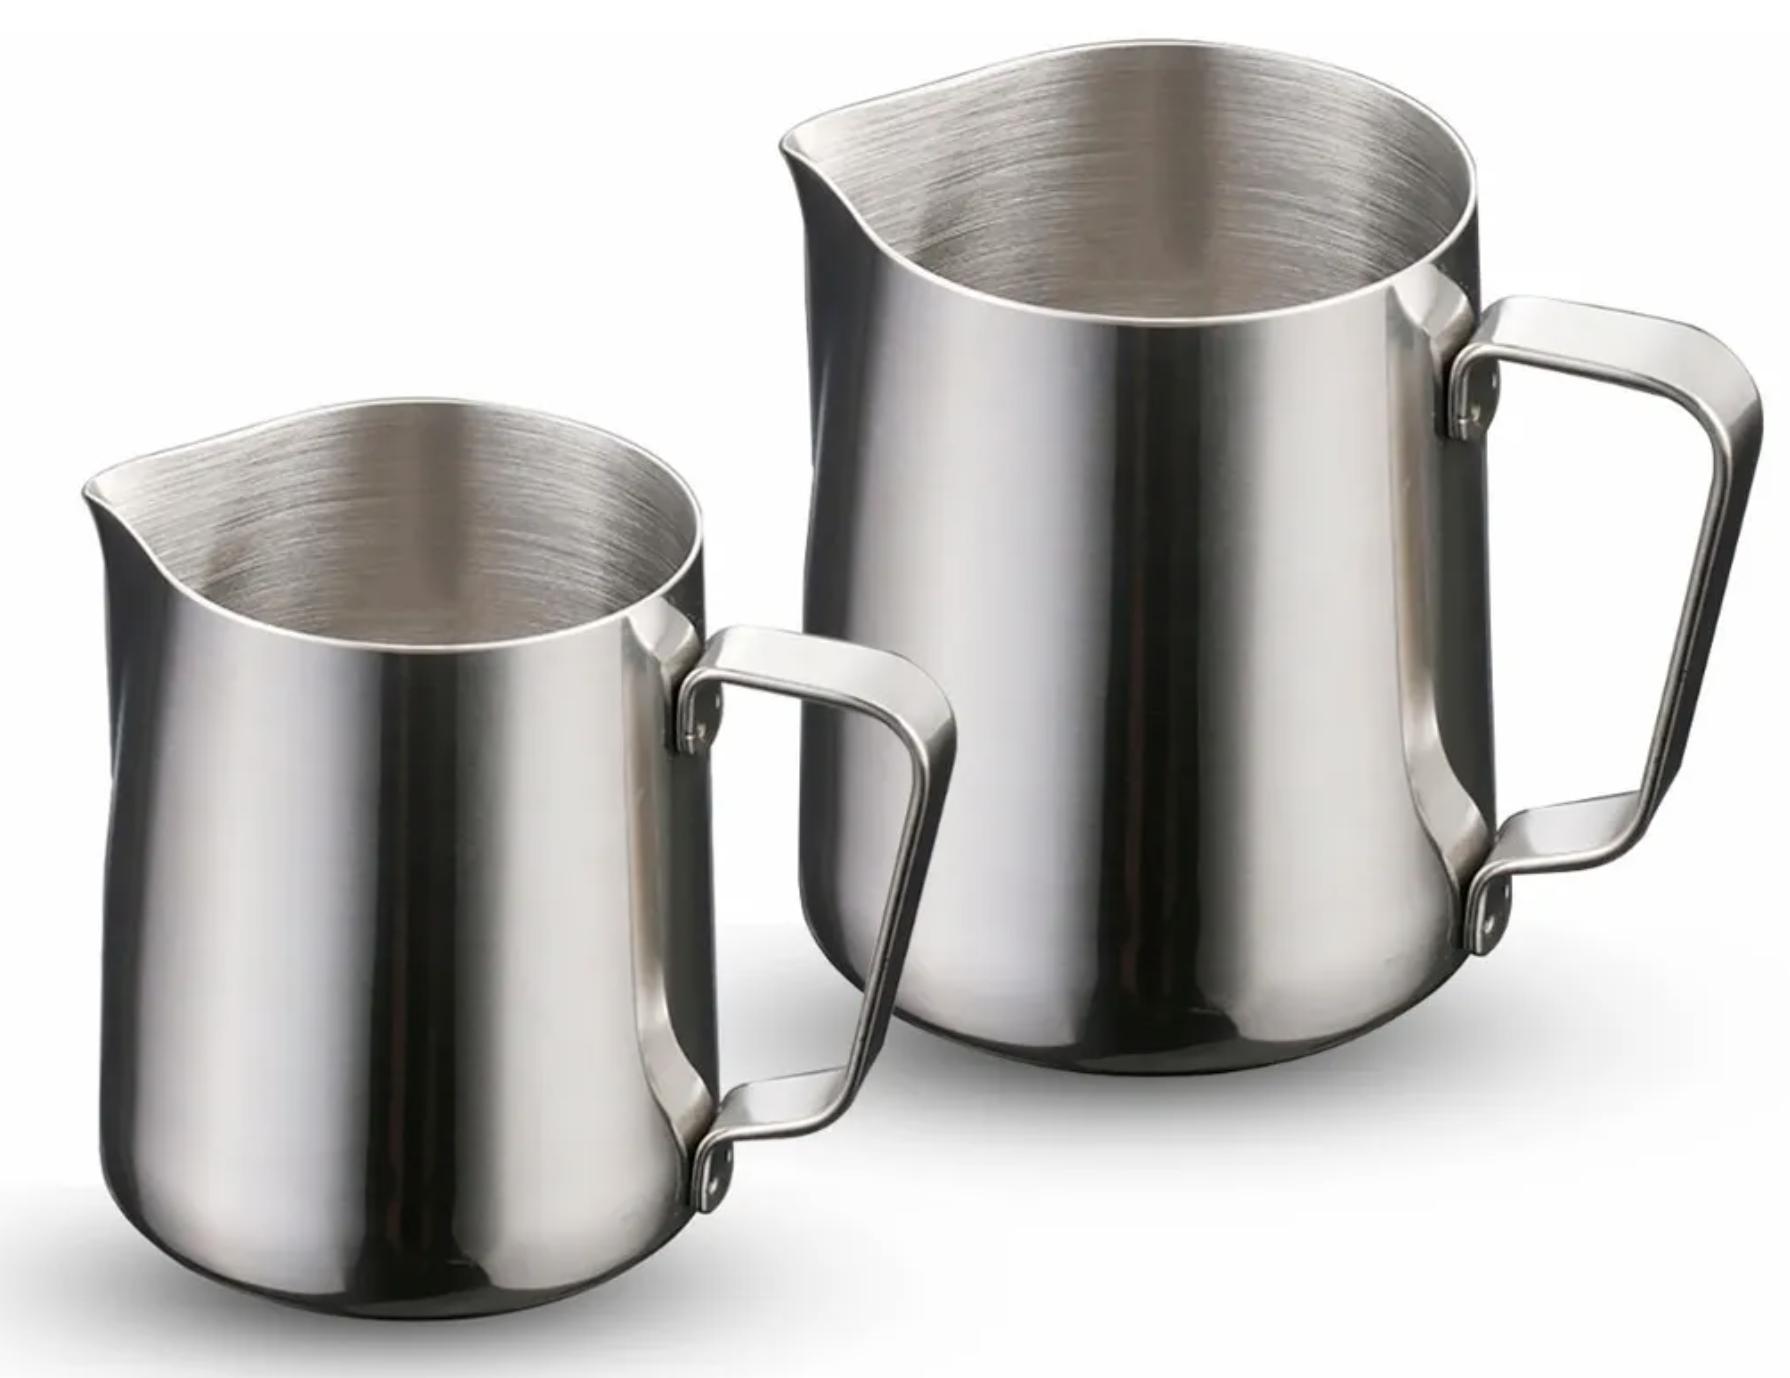 ricco-aroma-jarras de acero inoxidable para cafe varios tamaños